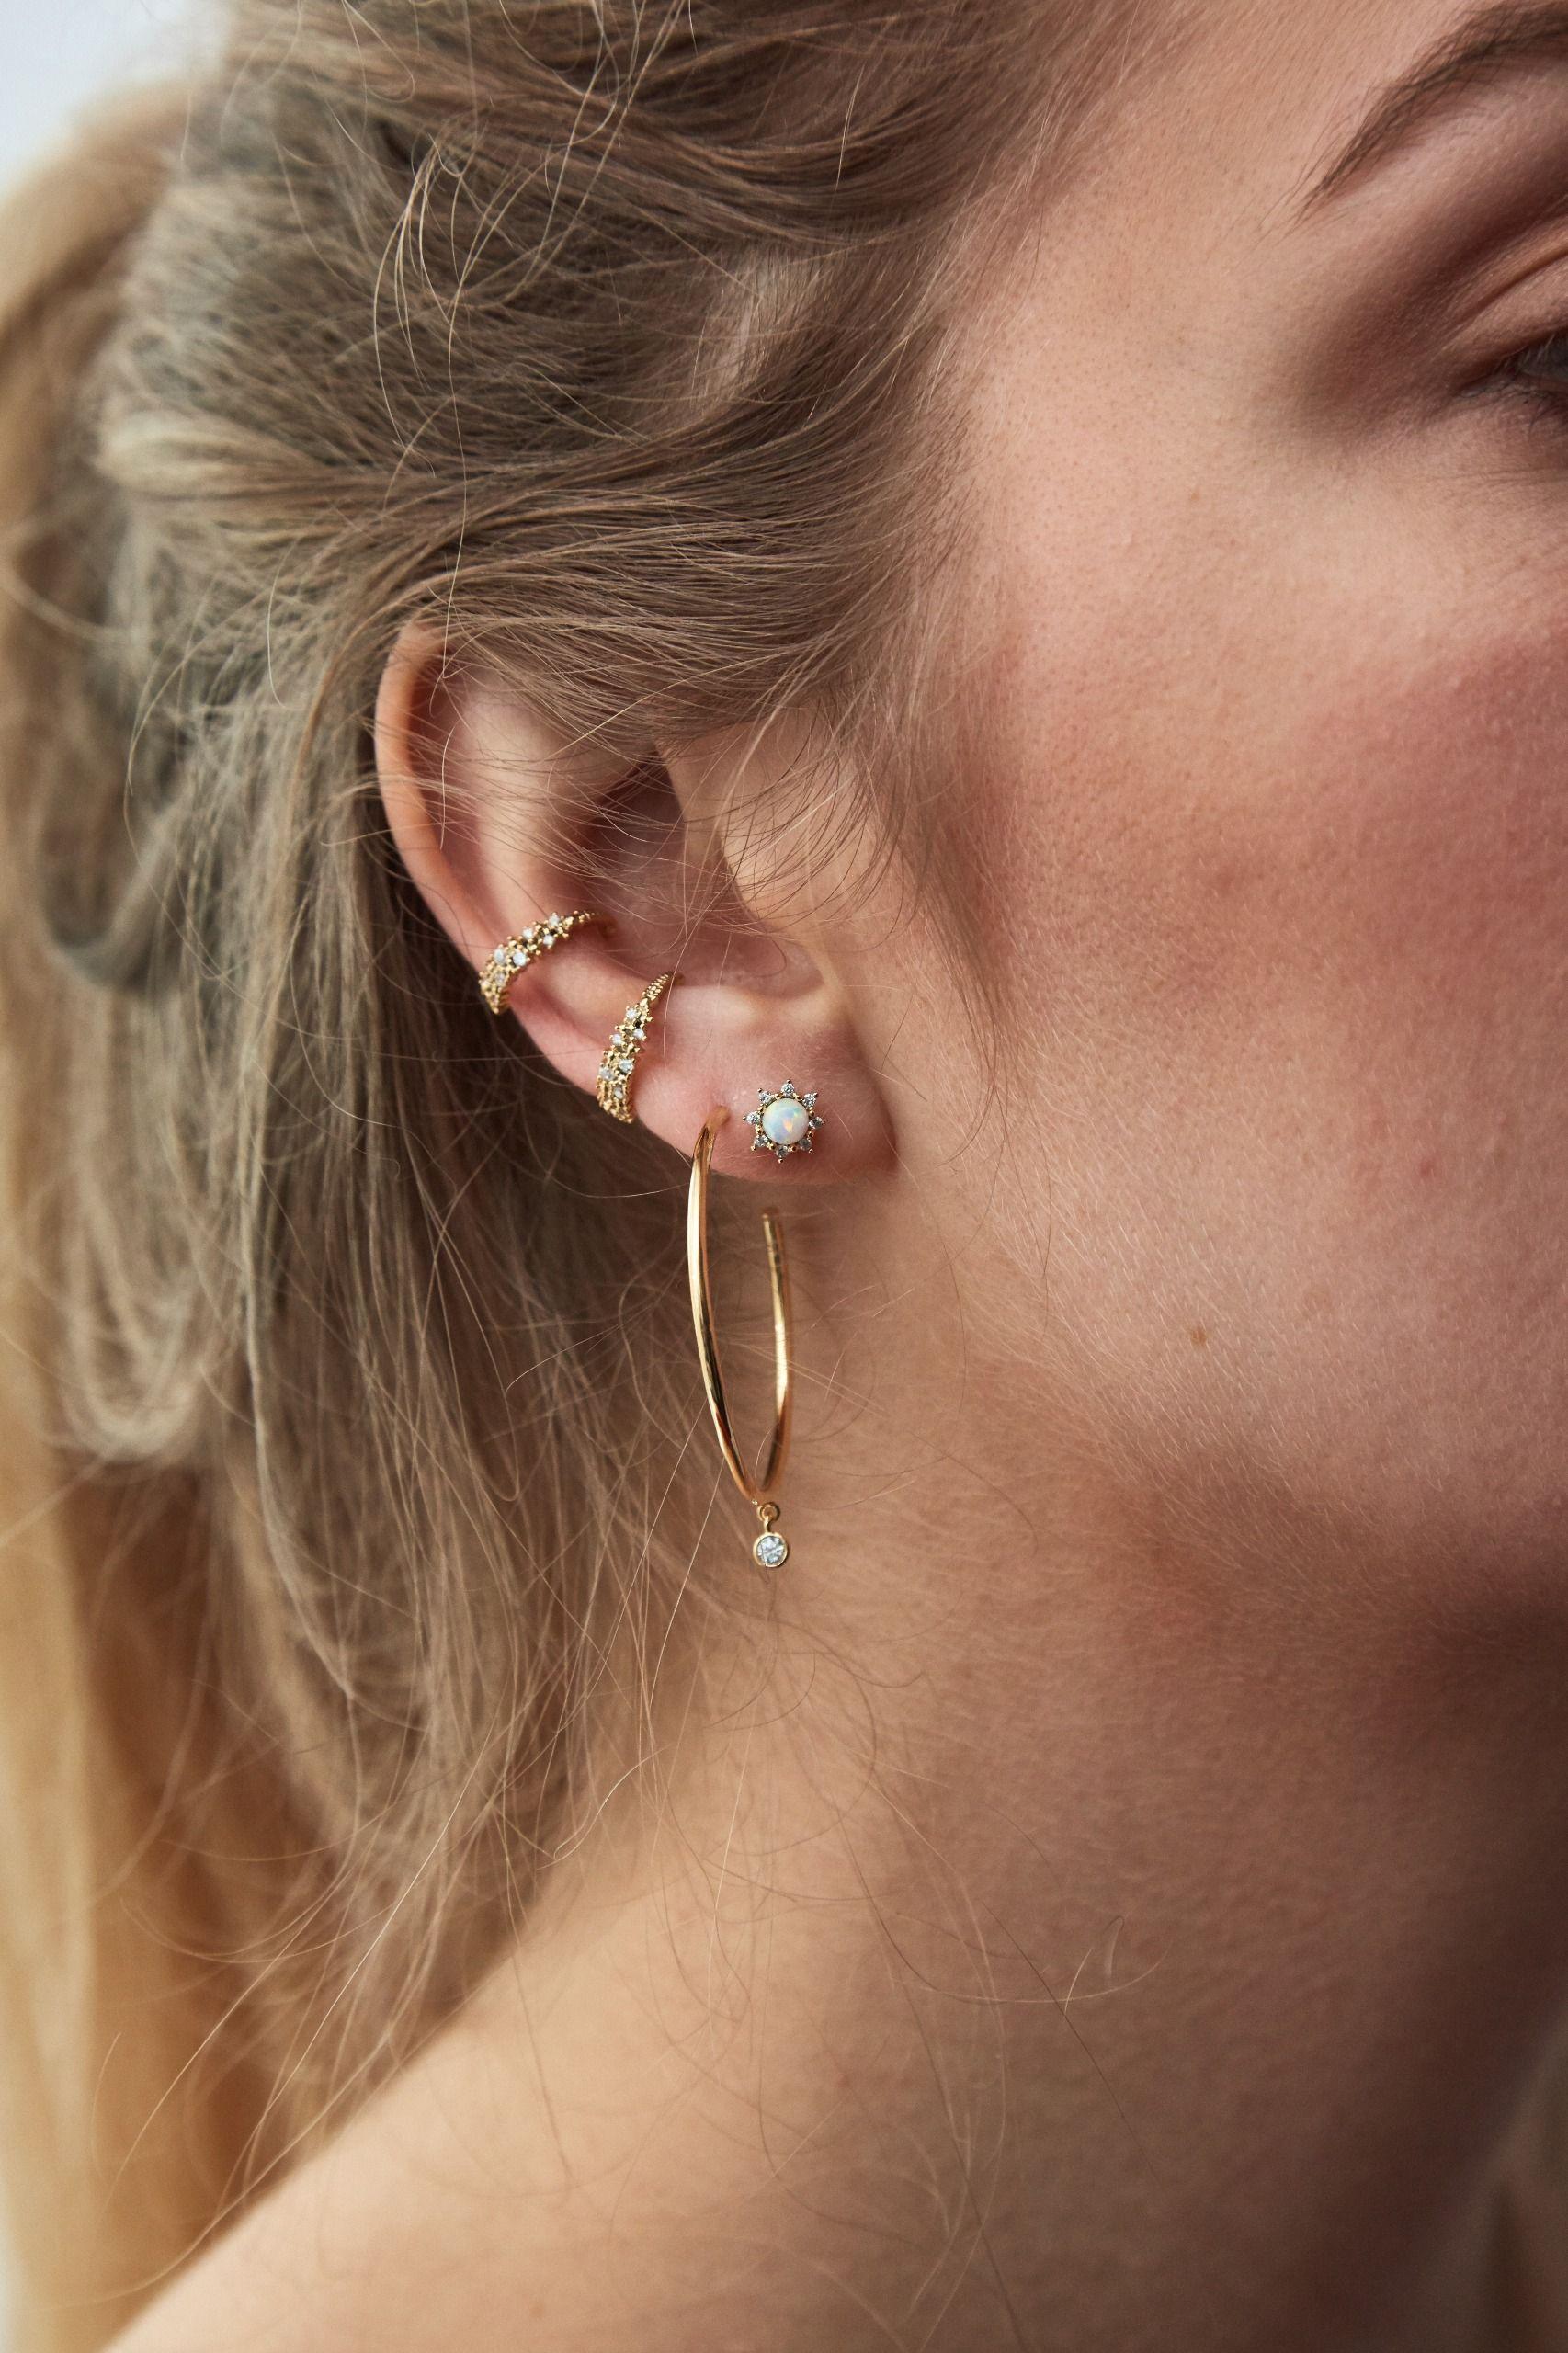 Women Charming Ear Stud,Baynne Rhinestone Filled Square Ear Stud Earrings